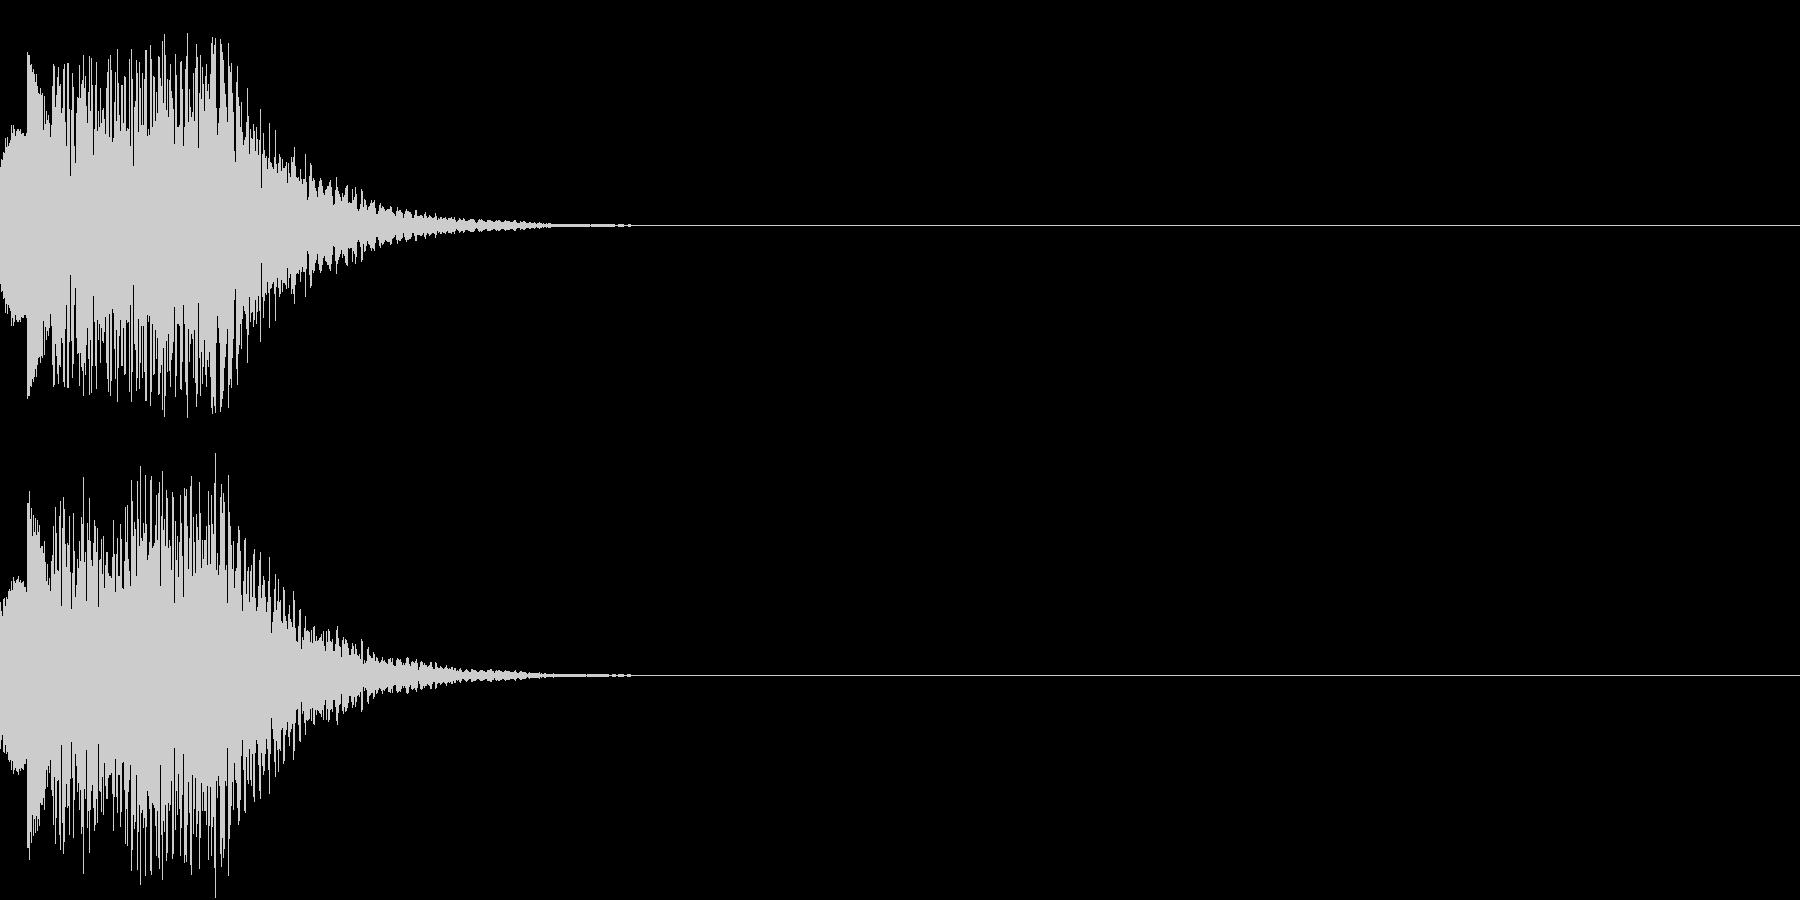 システム、ヒント、テロップの未再生の波形